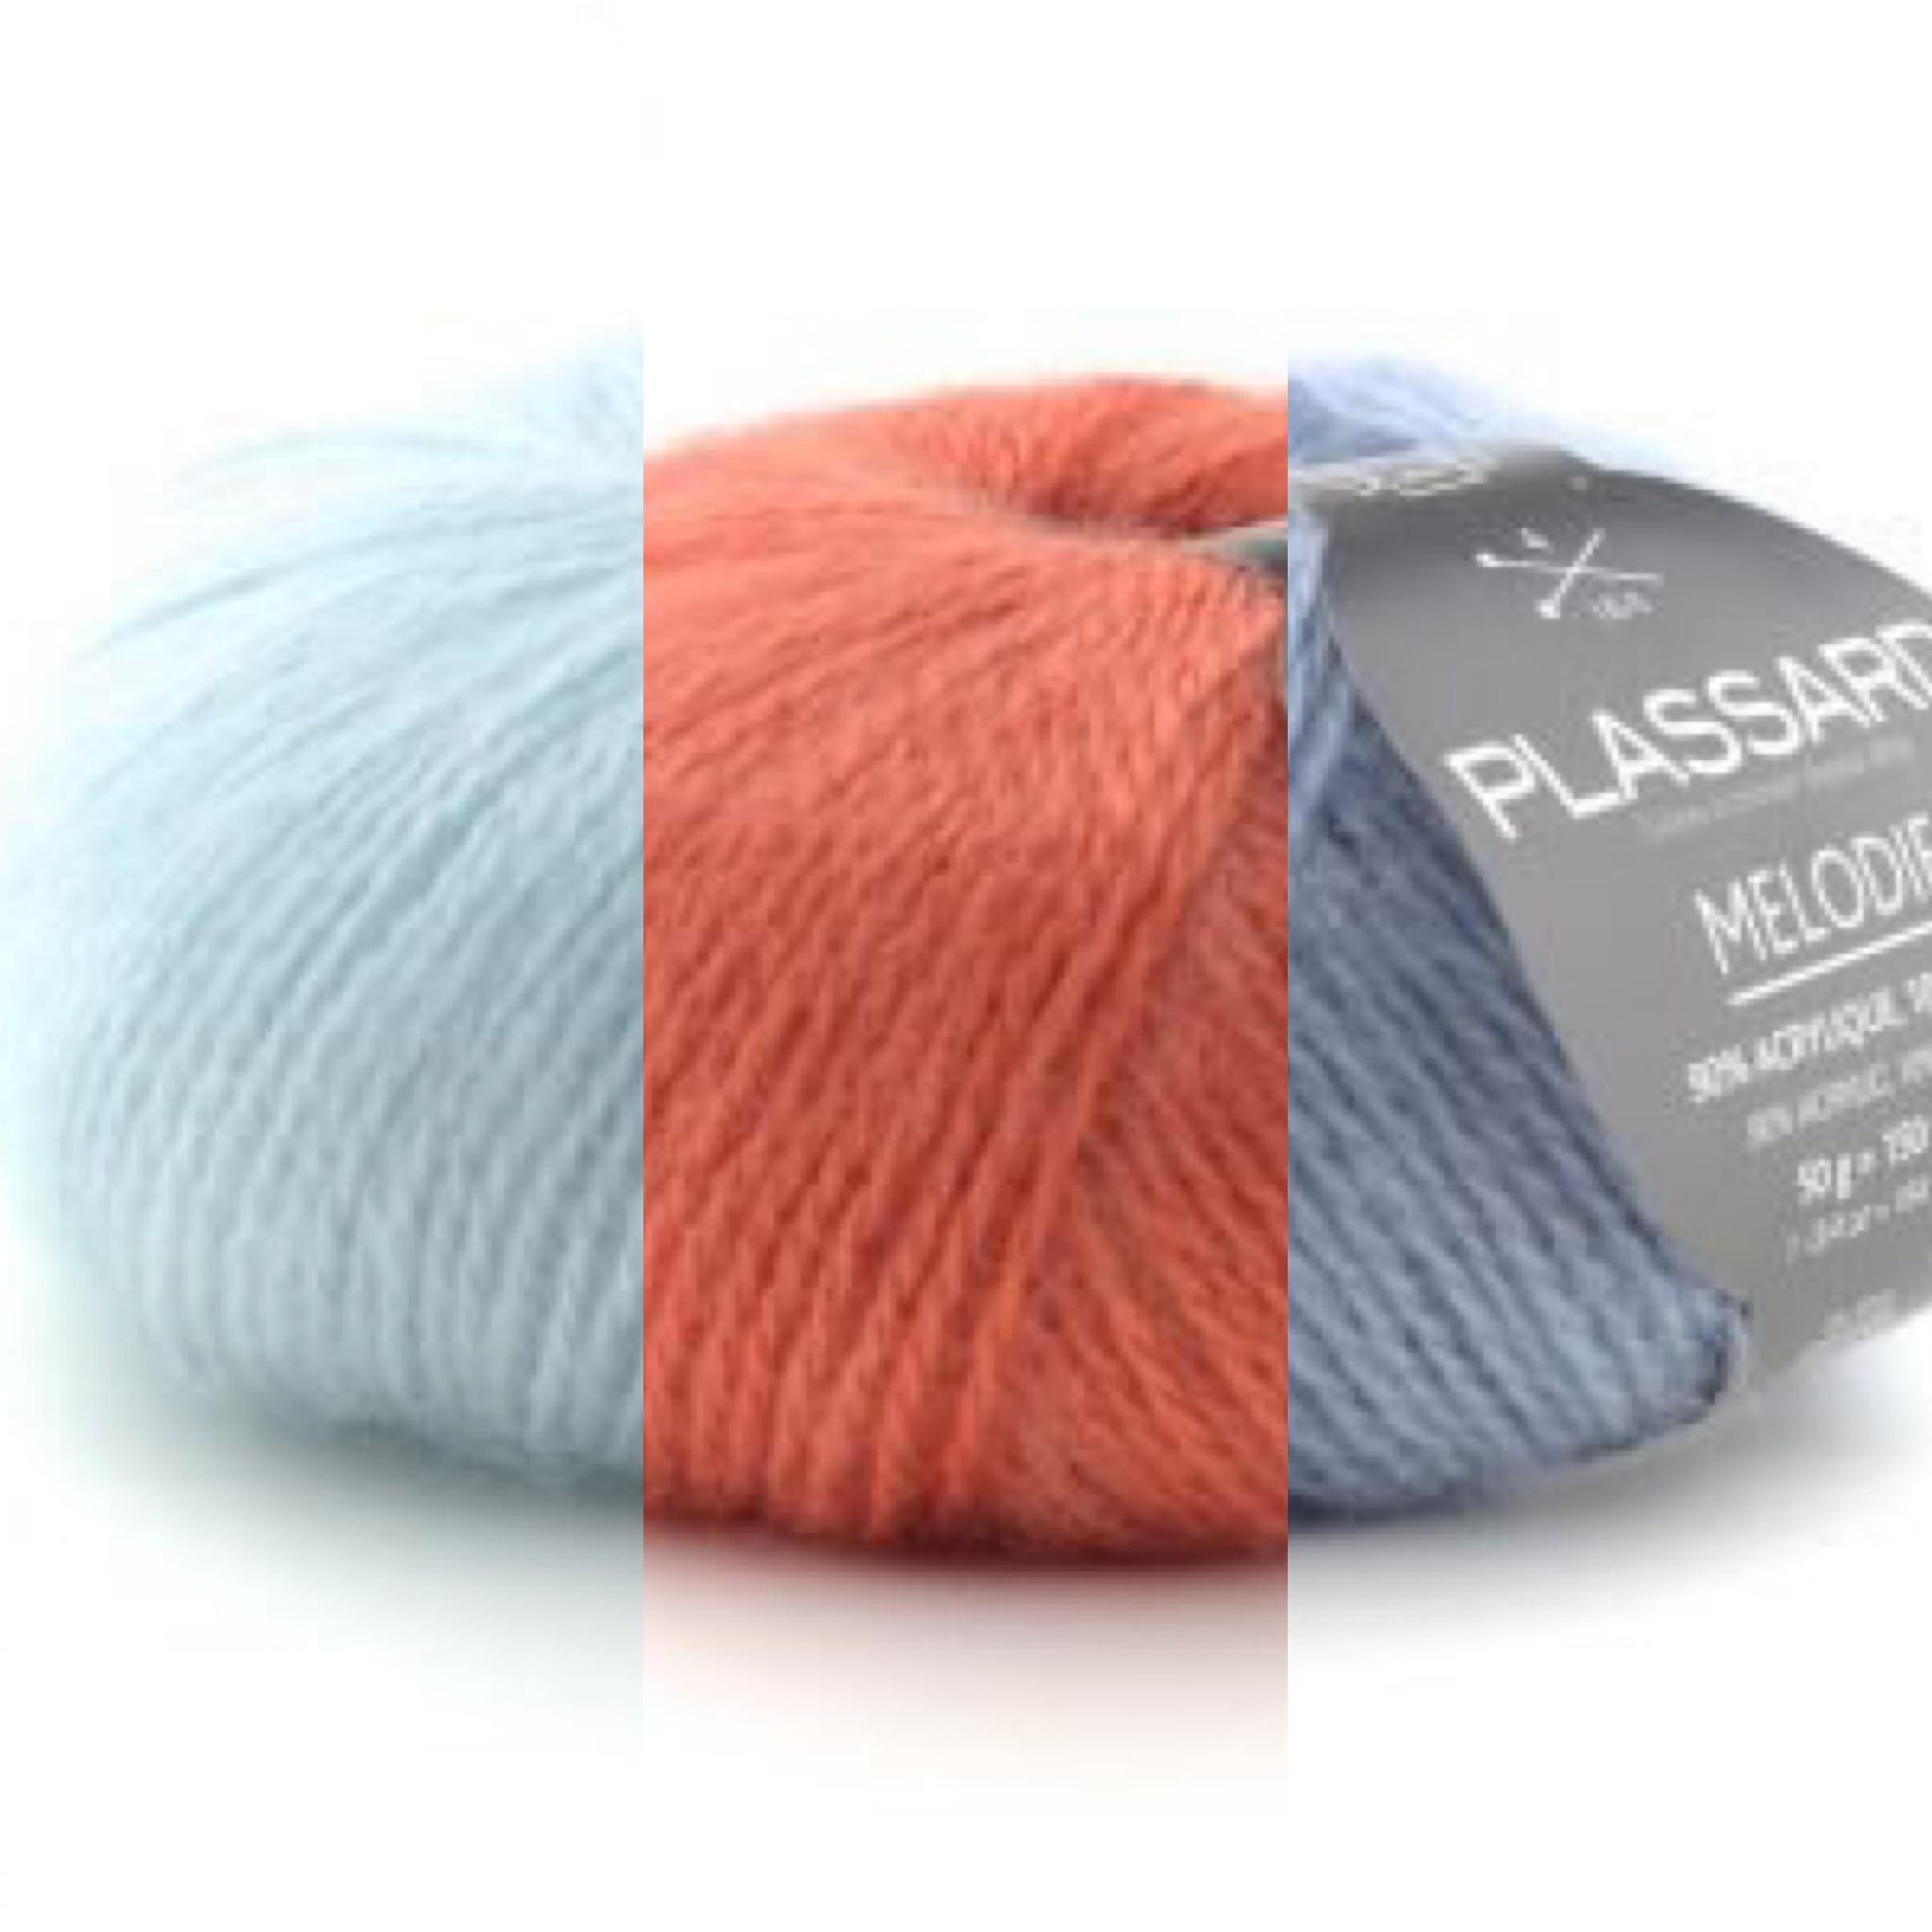 De nouveautés tissus et laines sont arrivés ...